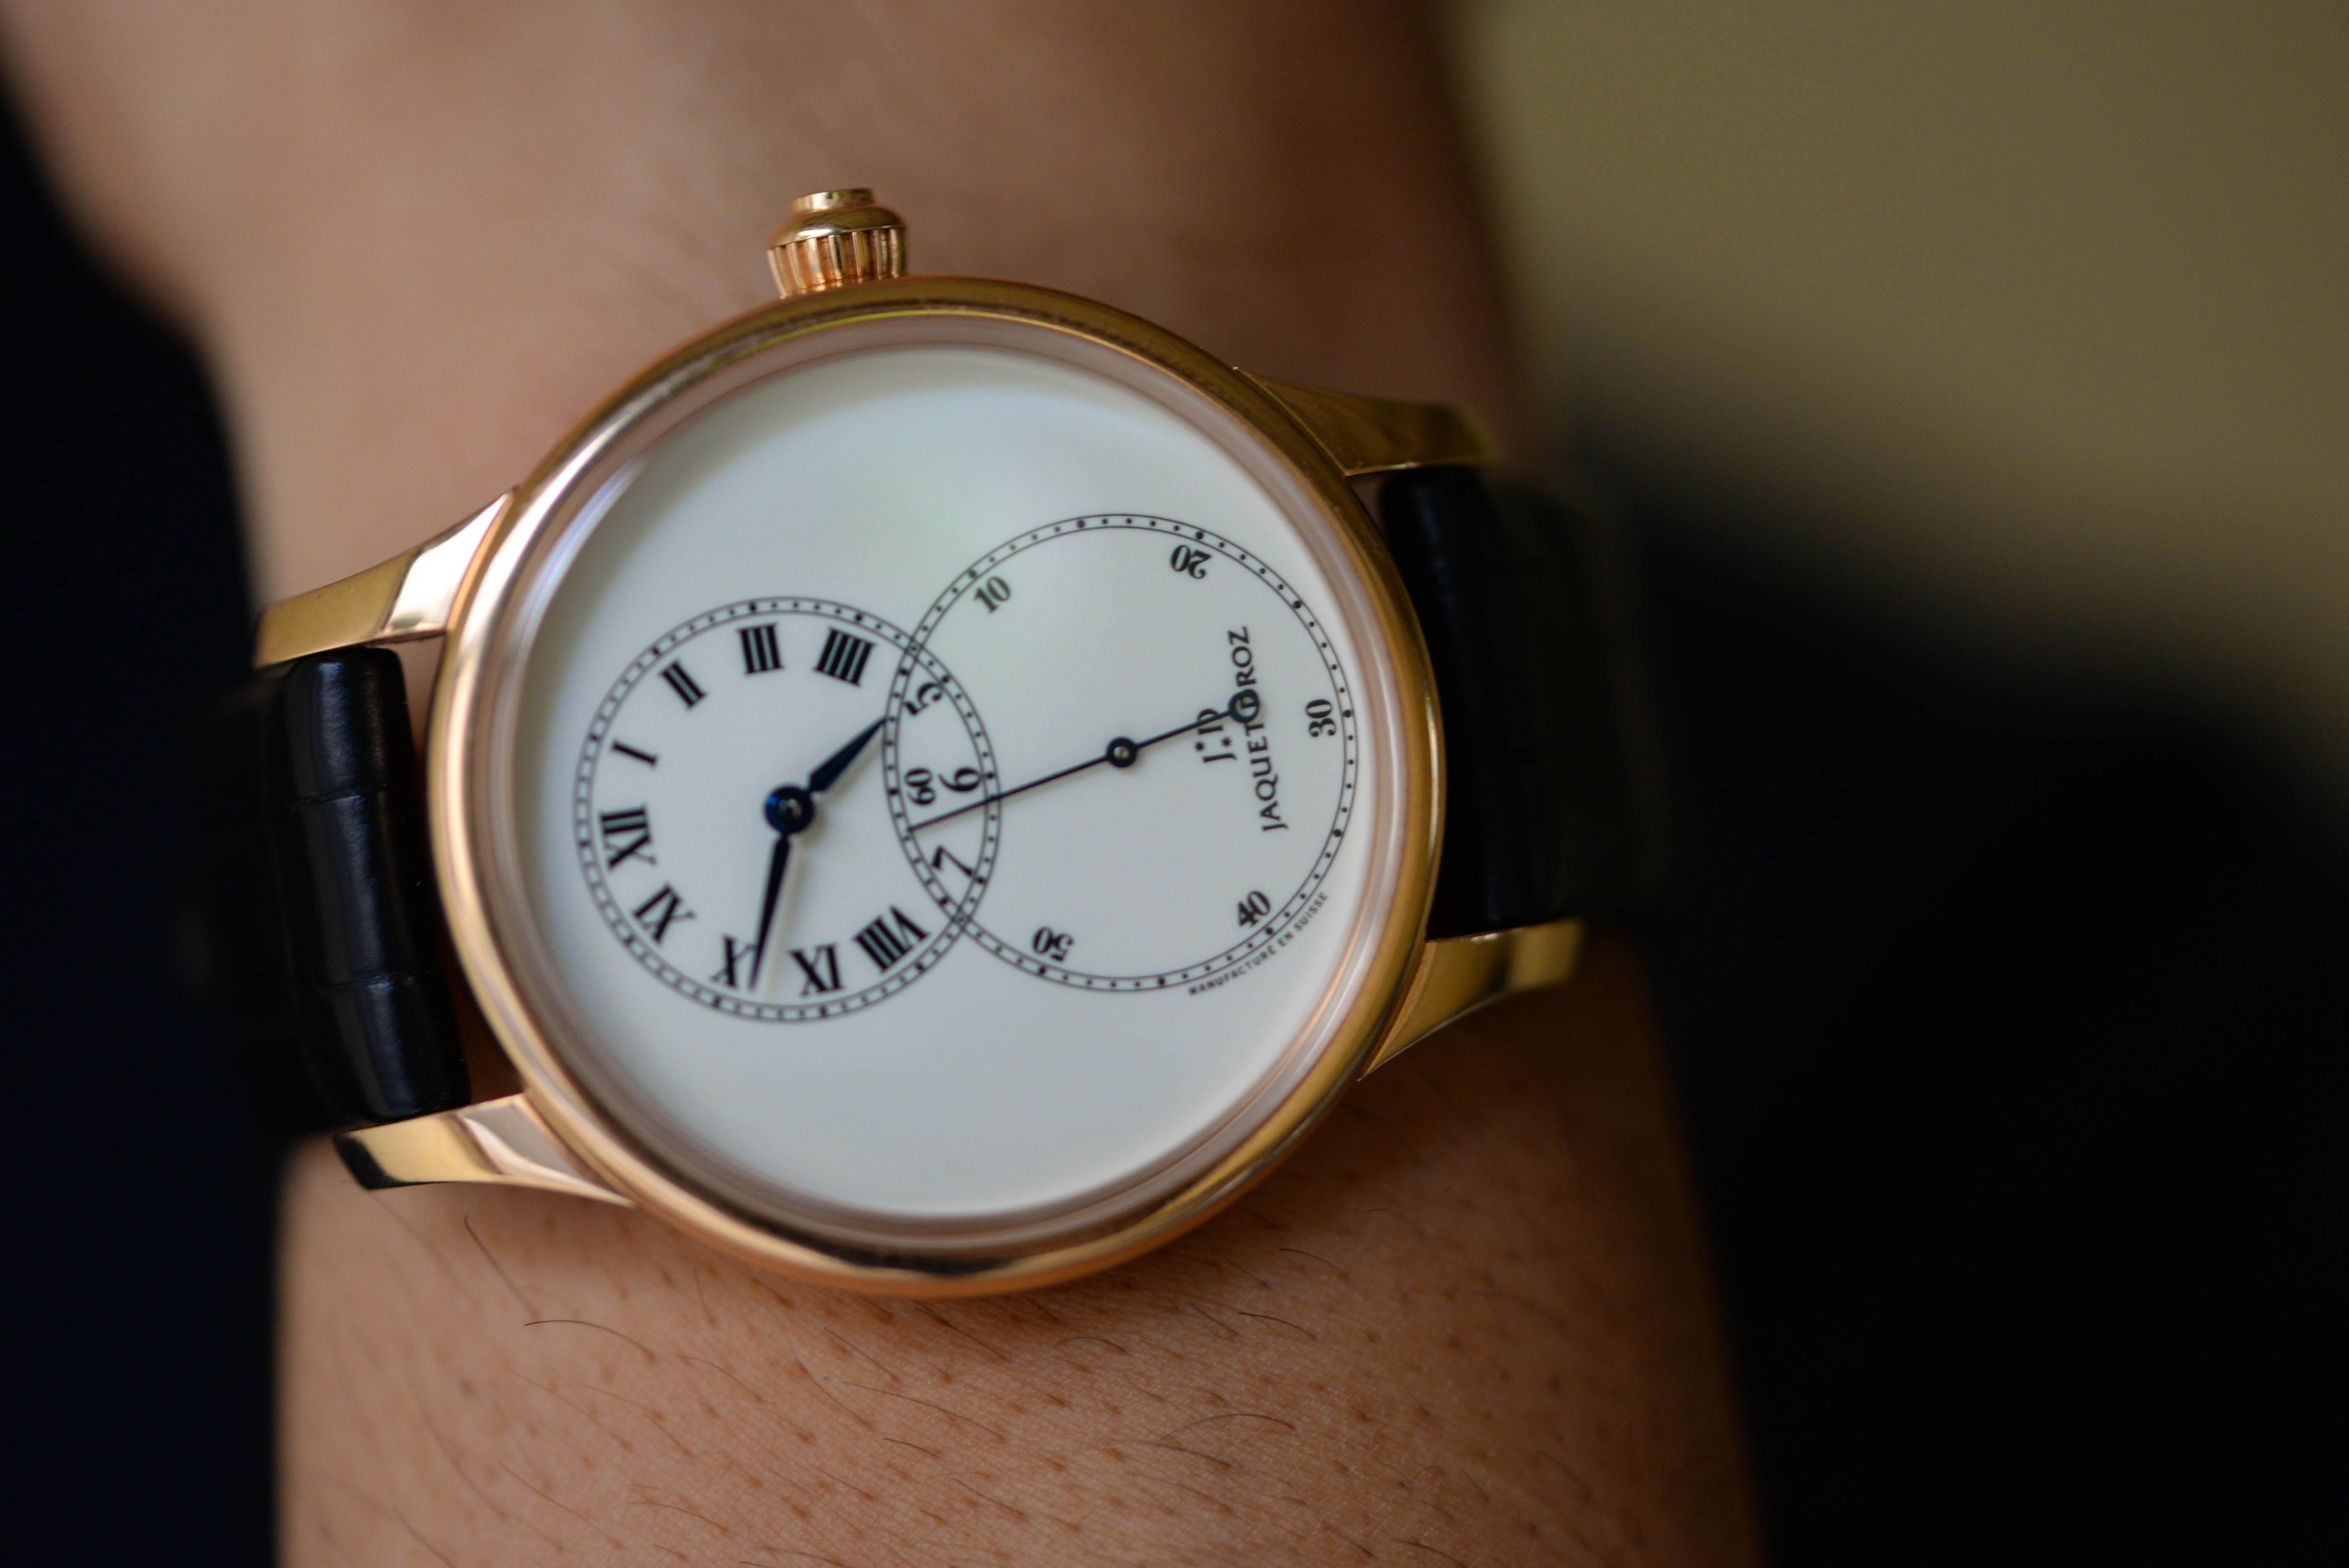 腕時計を着けていなかったので、腕時計に興味を持った